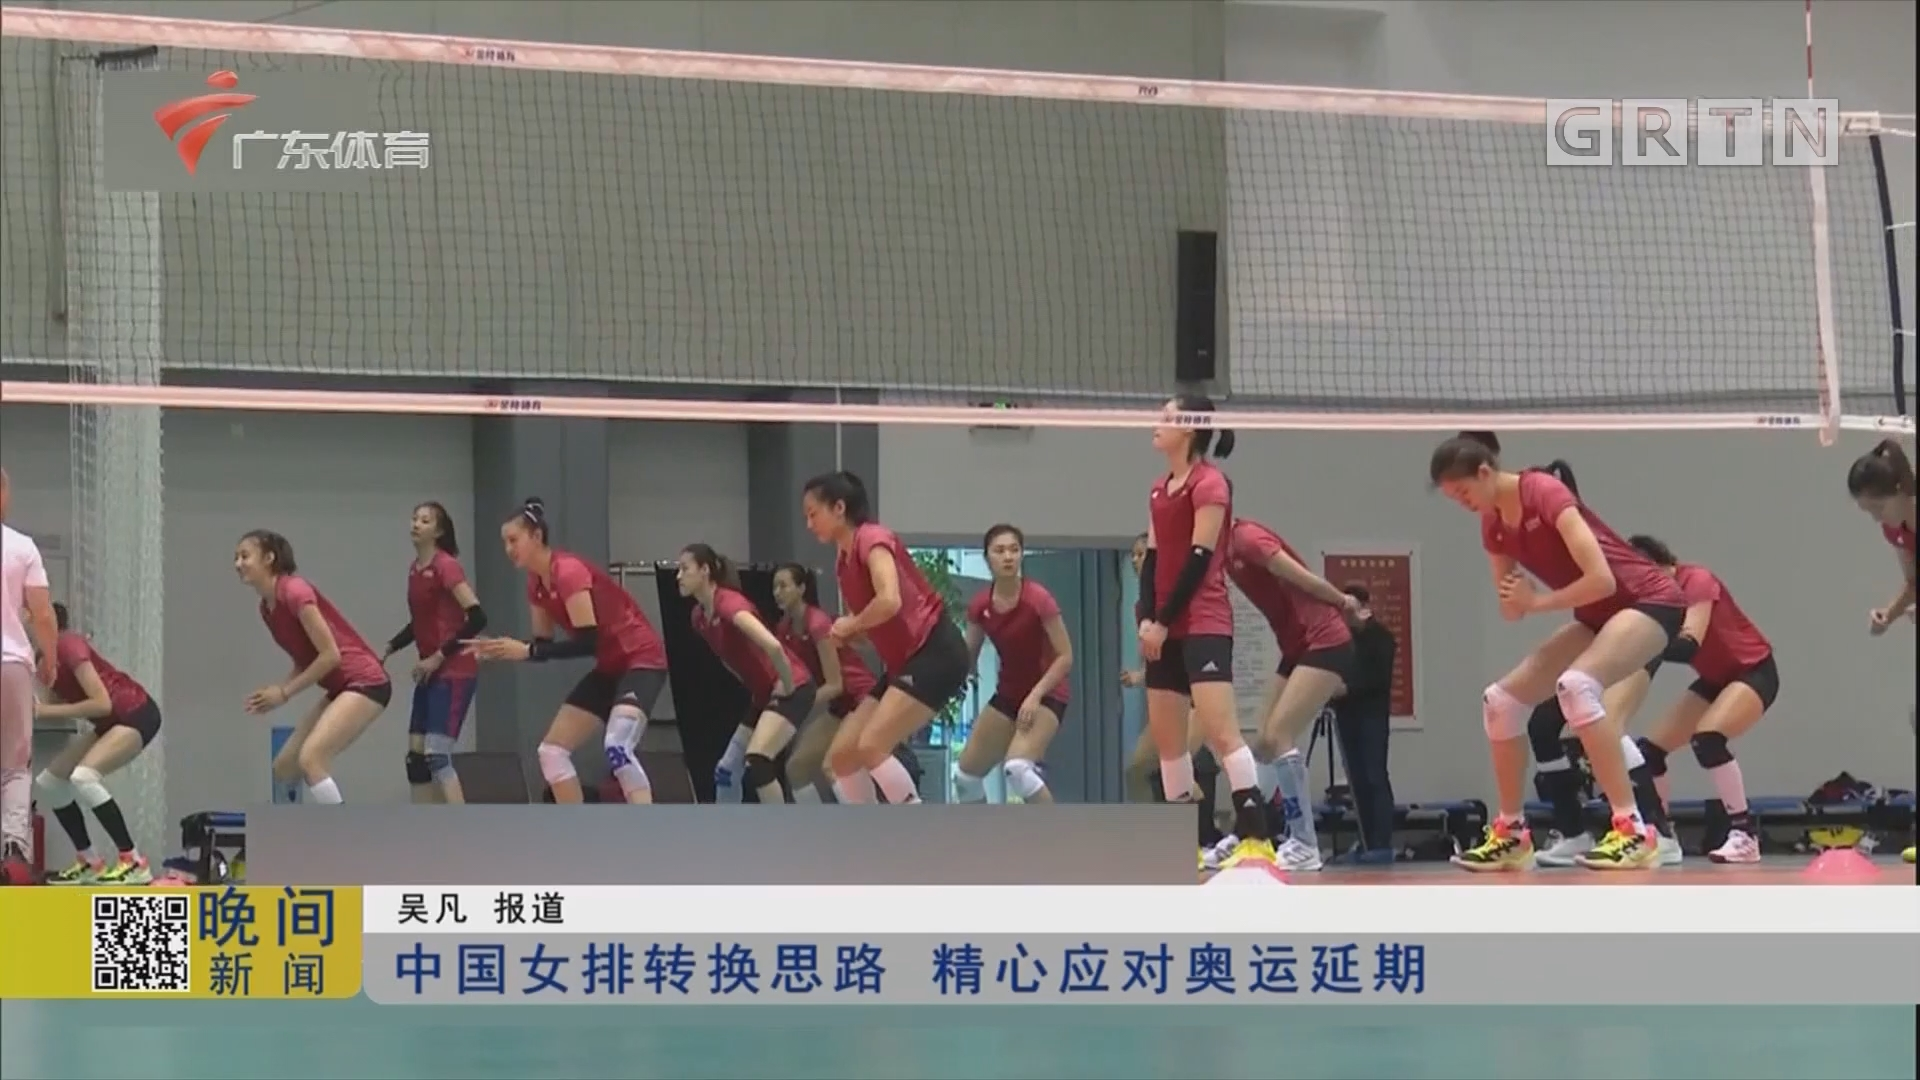 中國女排轉換思路 精心應對奧運延期